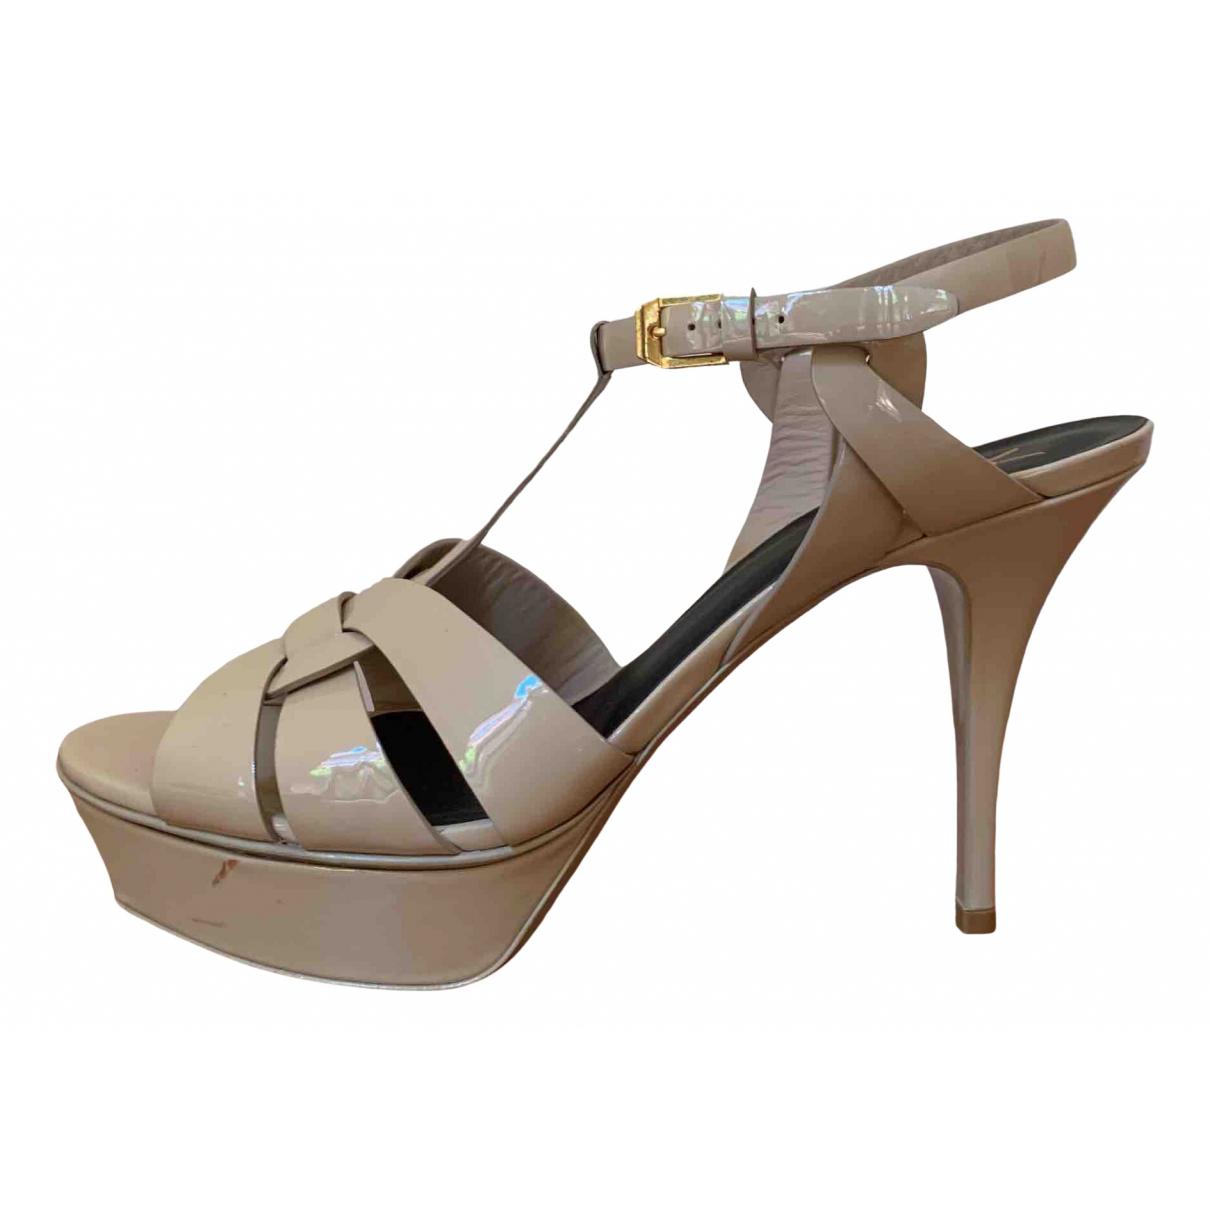 Saint Laurent Tribute Beige Patent leather Sandals for Women 41 EU